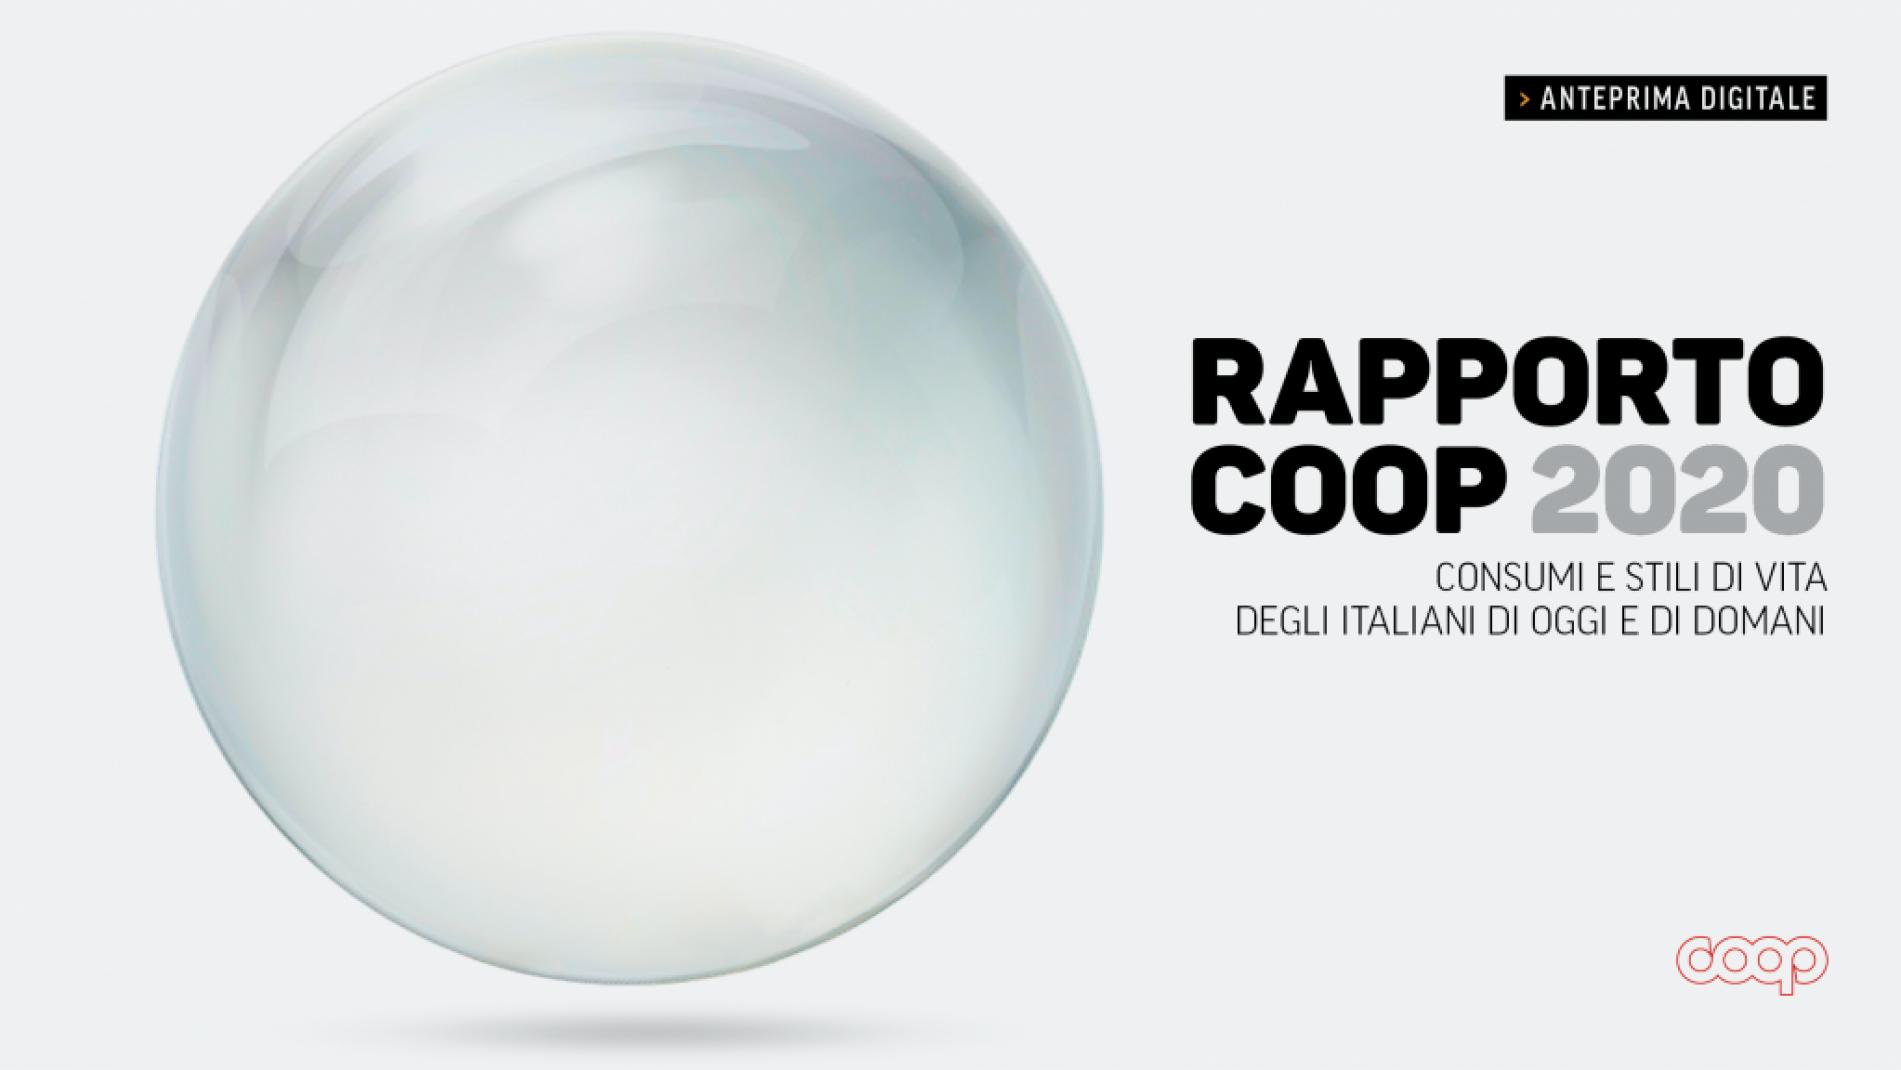 rapporto-coop-2020-per-sito-2400px-1